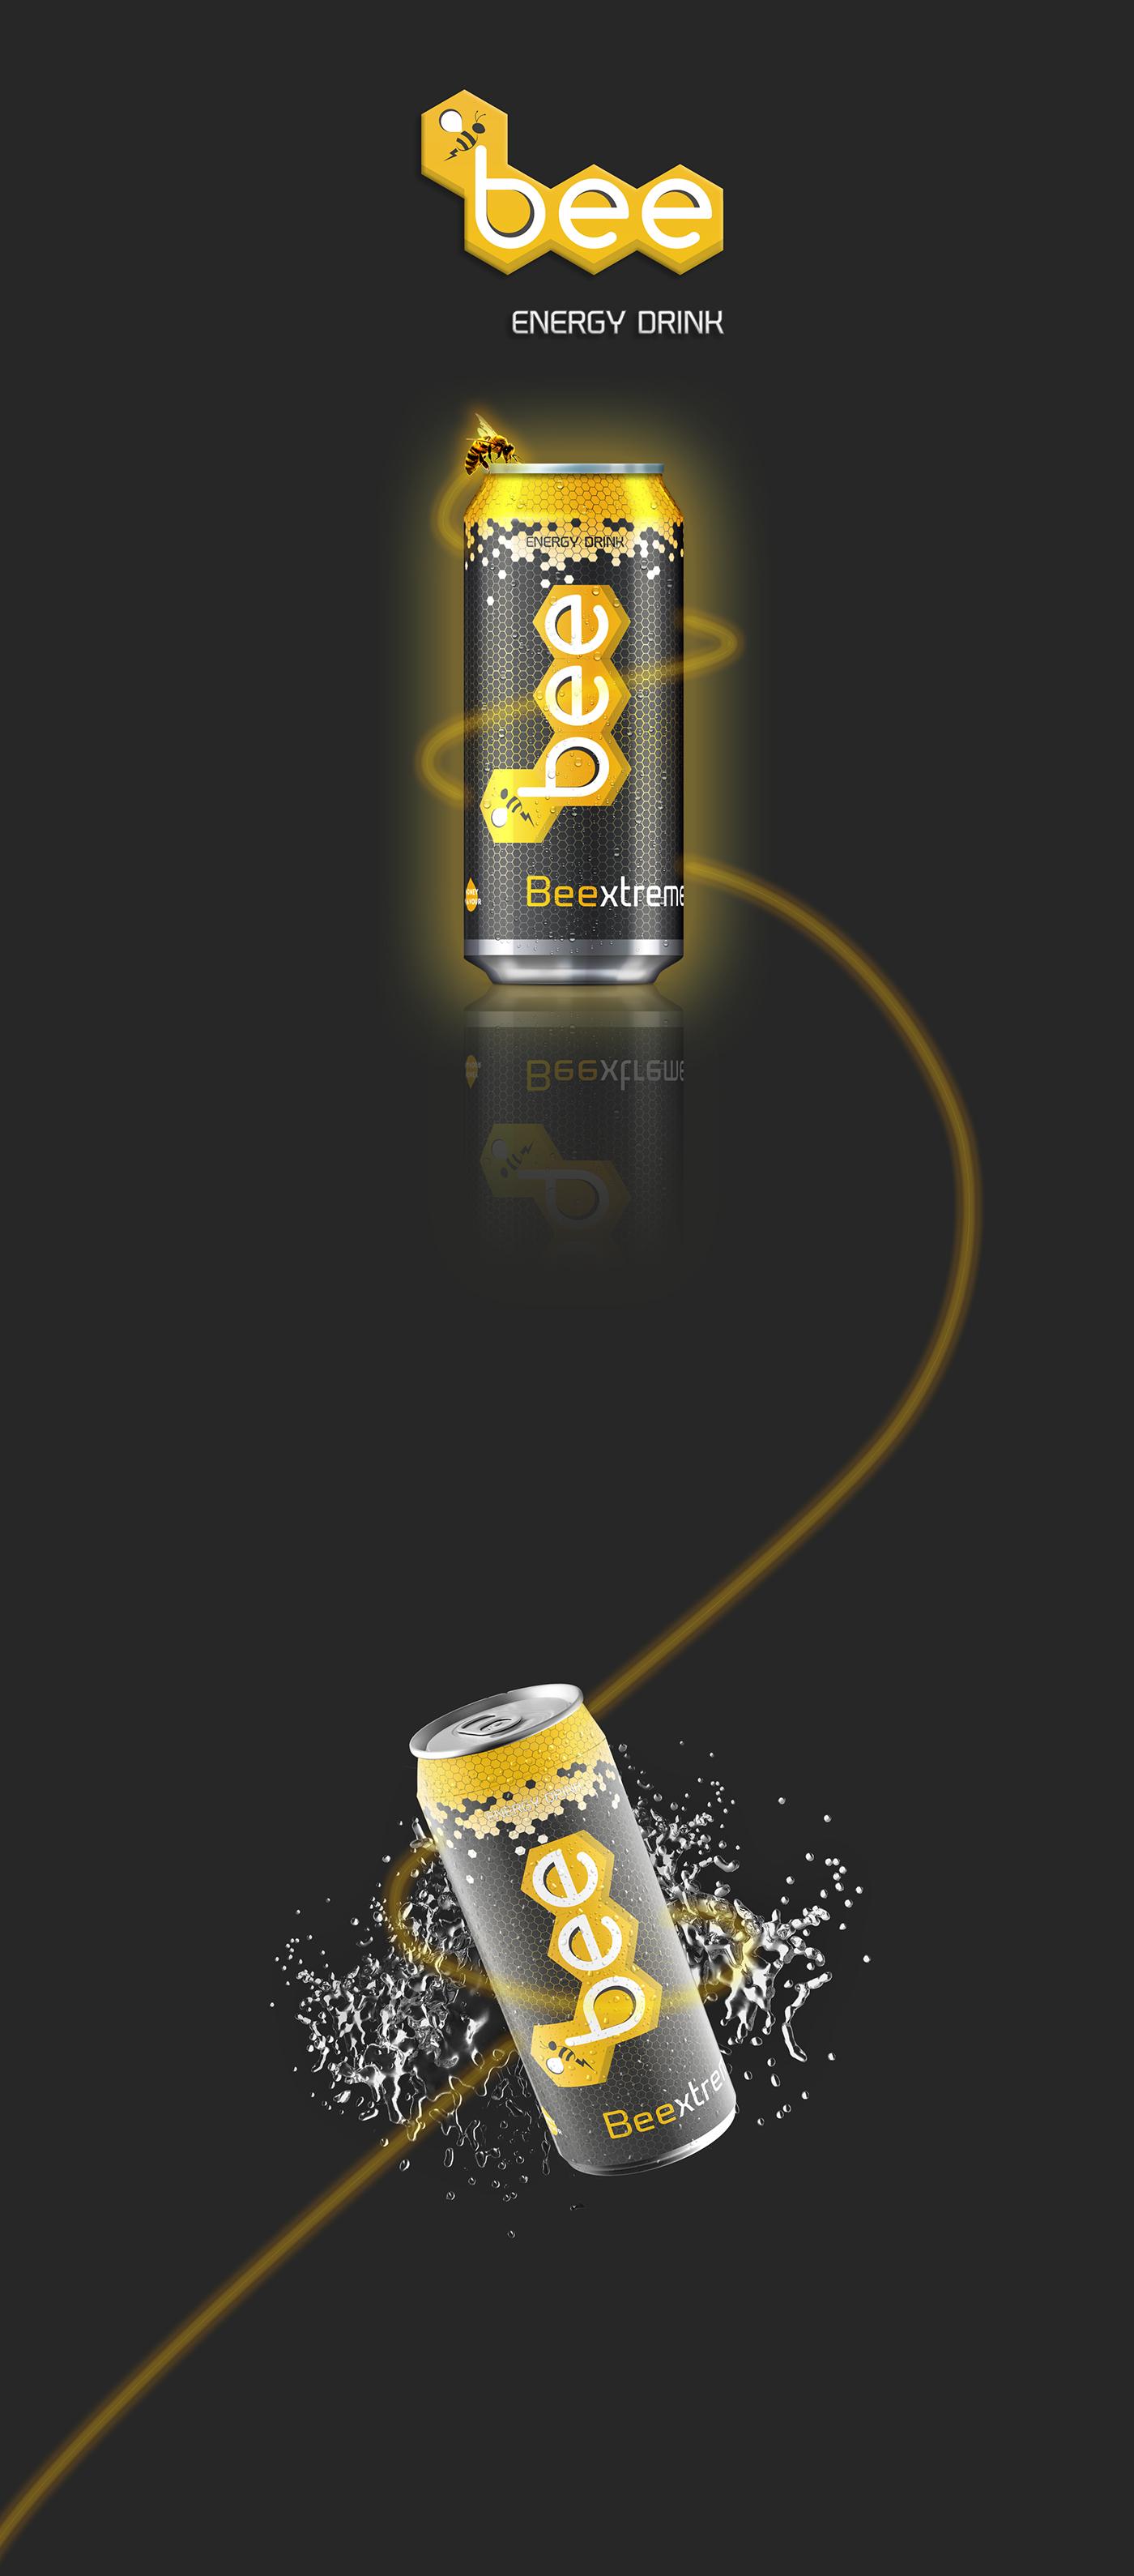 Bee Energy Drink on Behance